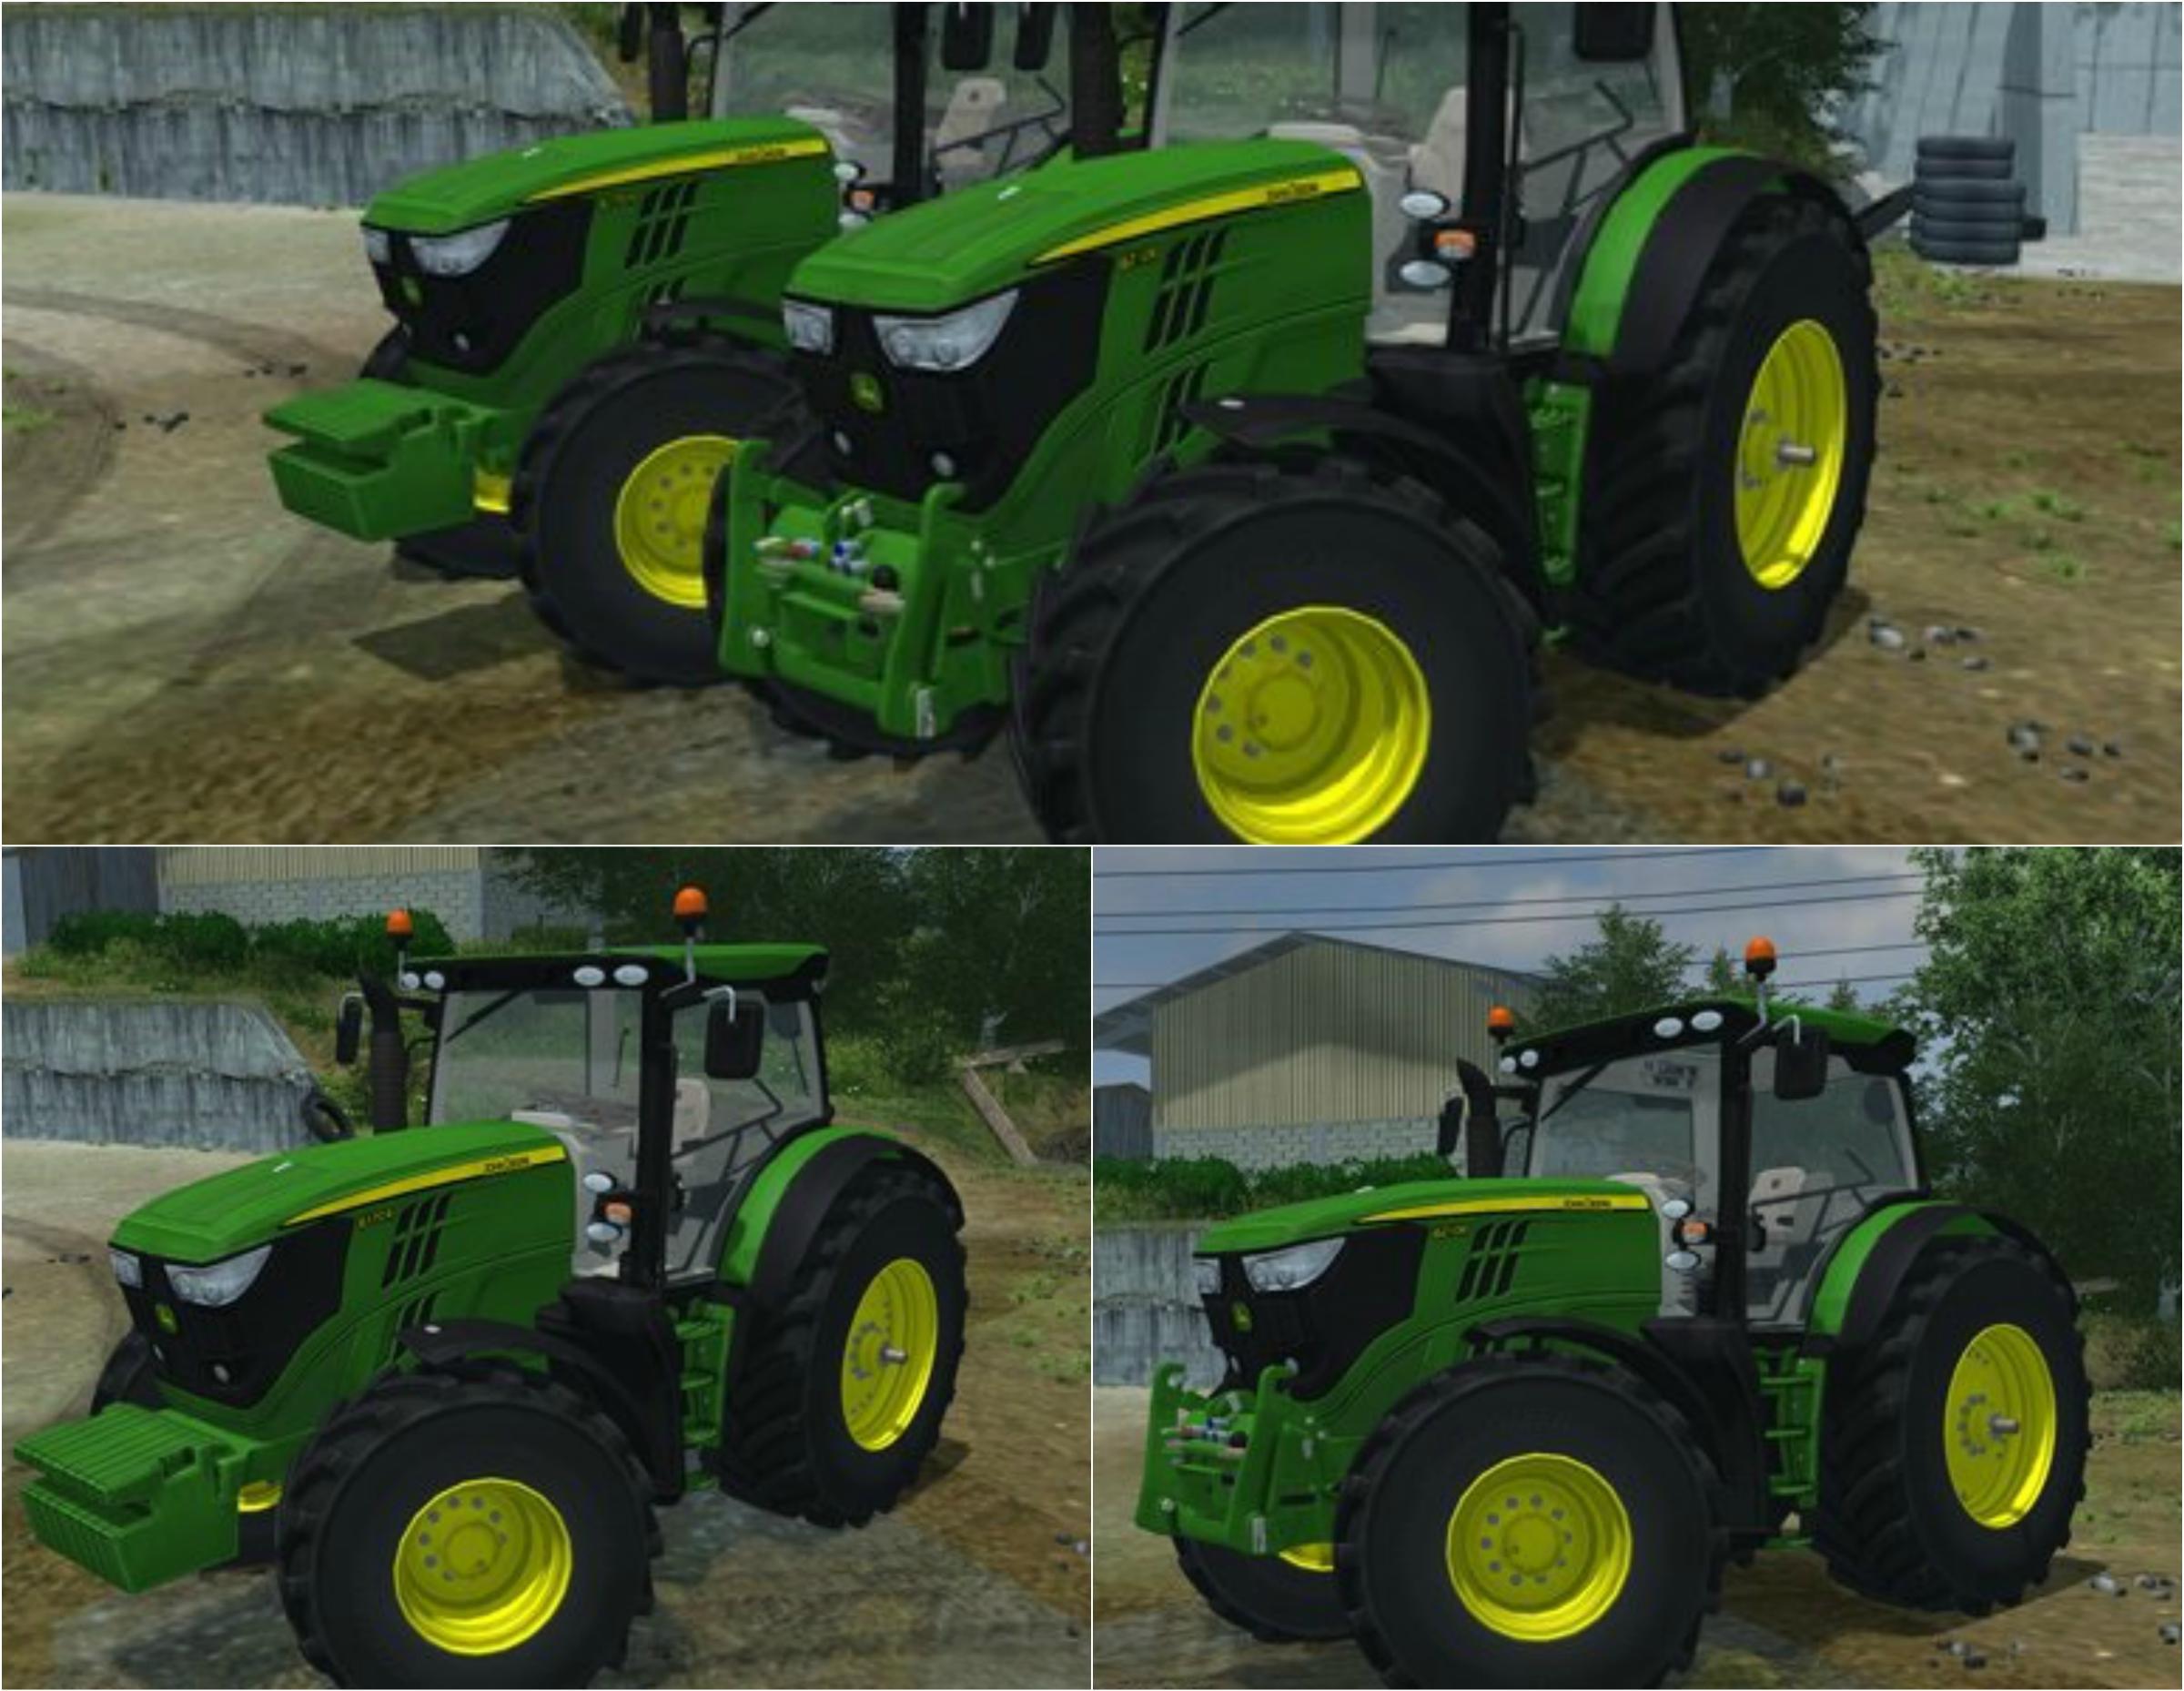 Farming Simulator Tractors : Tractor archives farming simulator mods fs